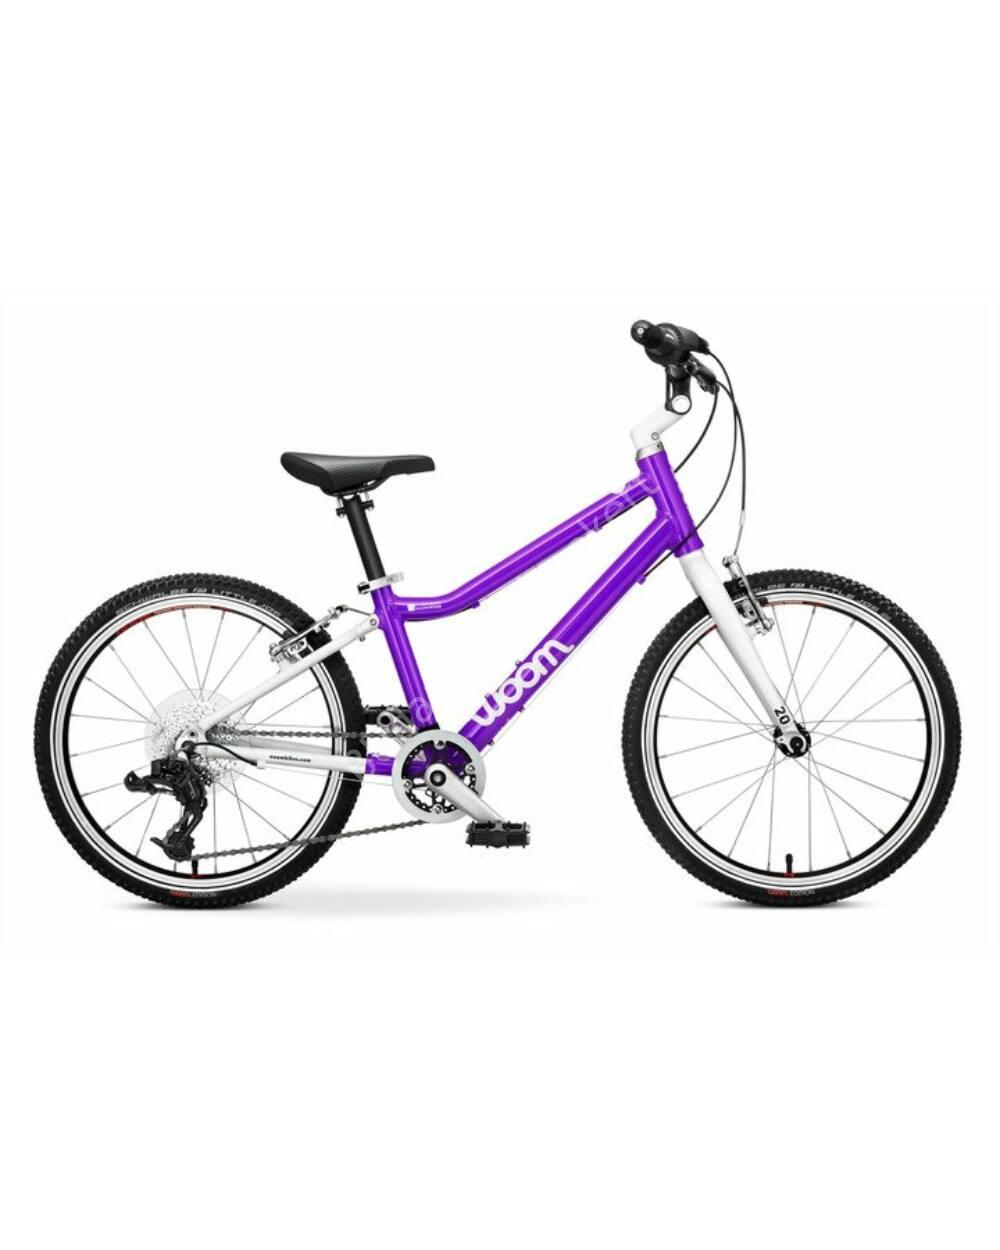 """Woom 4 lila 20"""" gyerek kerékpár, 115-130 cm testmagasság, 7.3kg"""